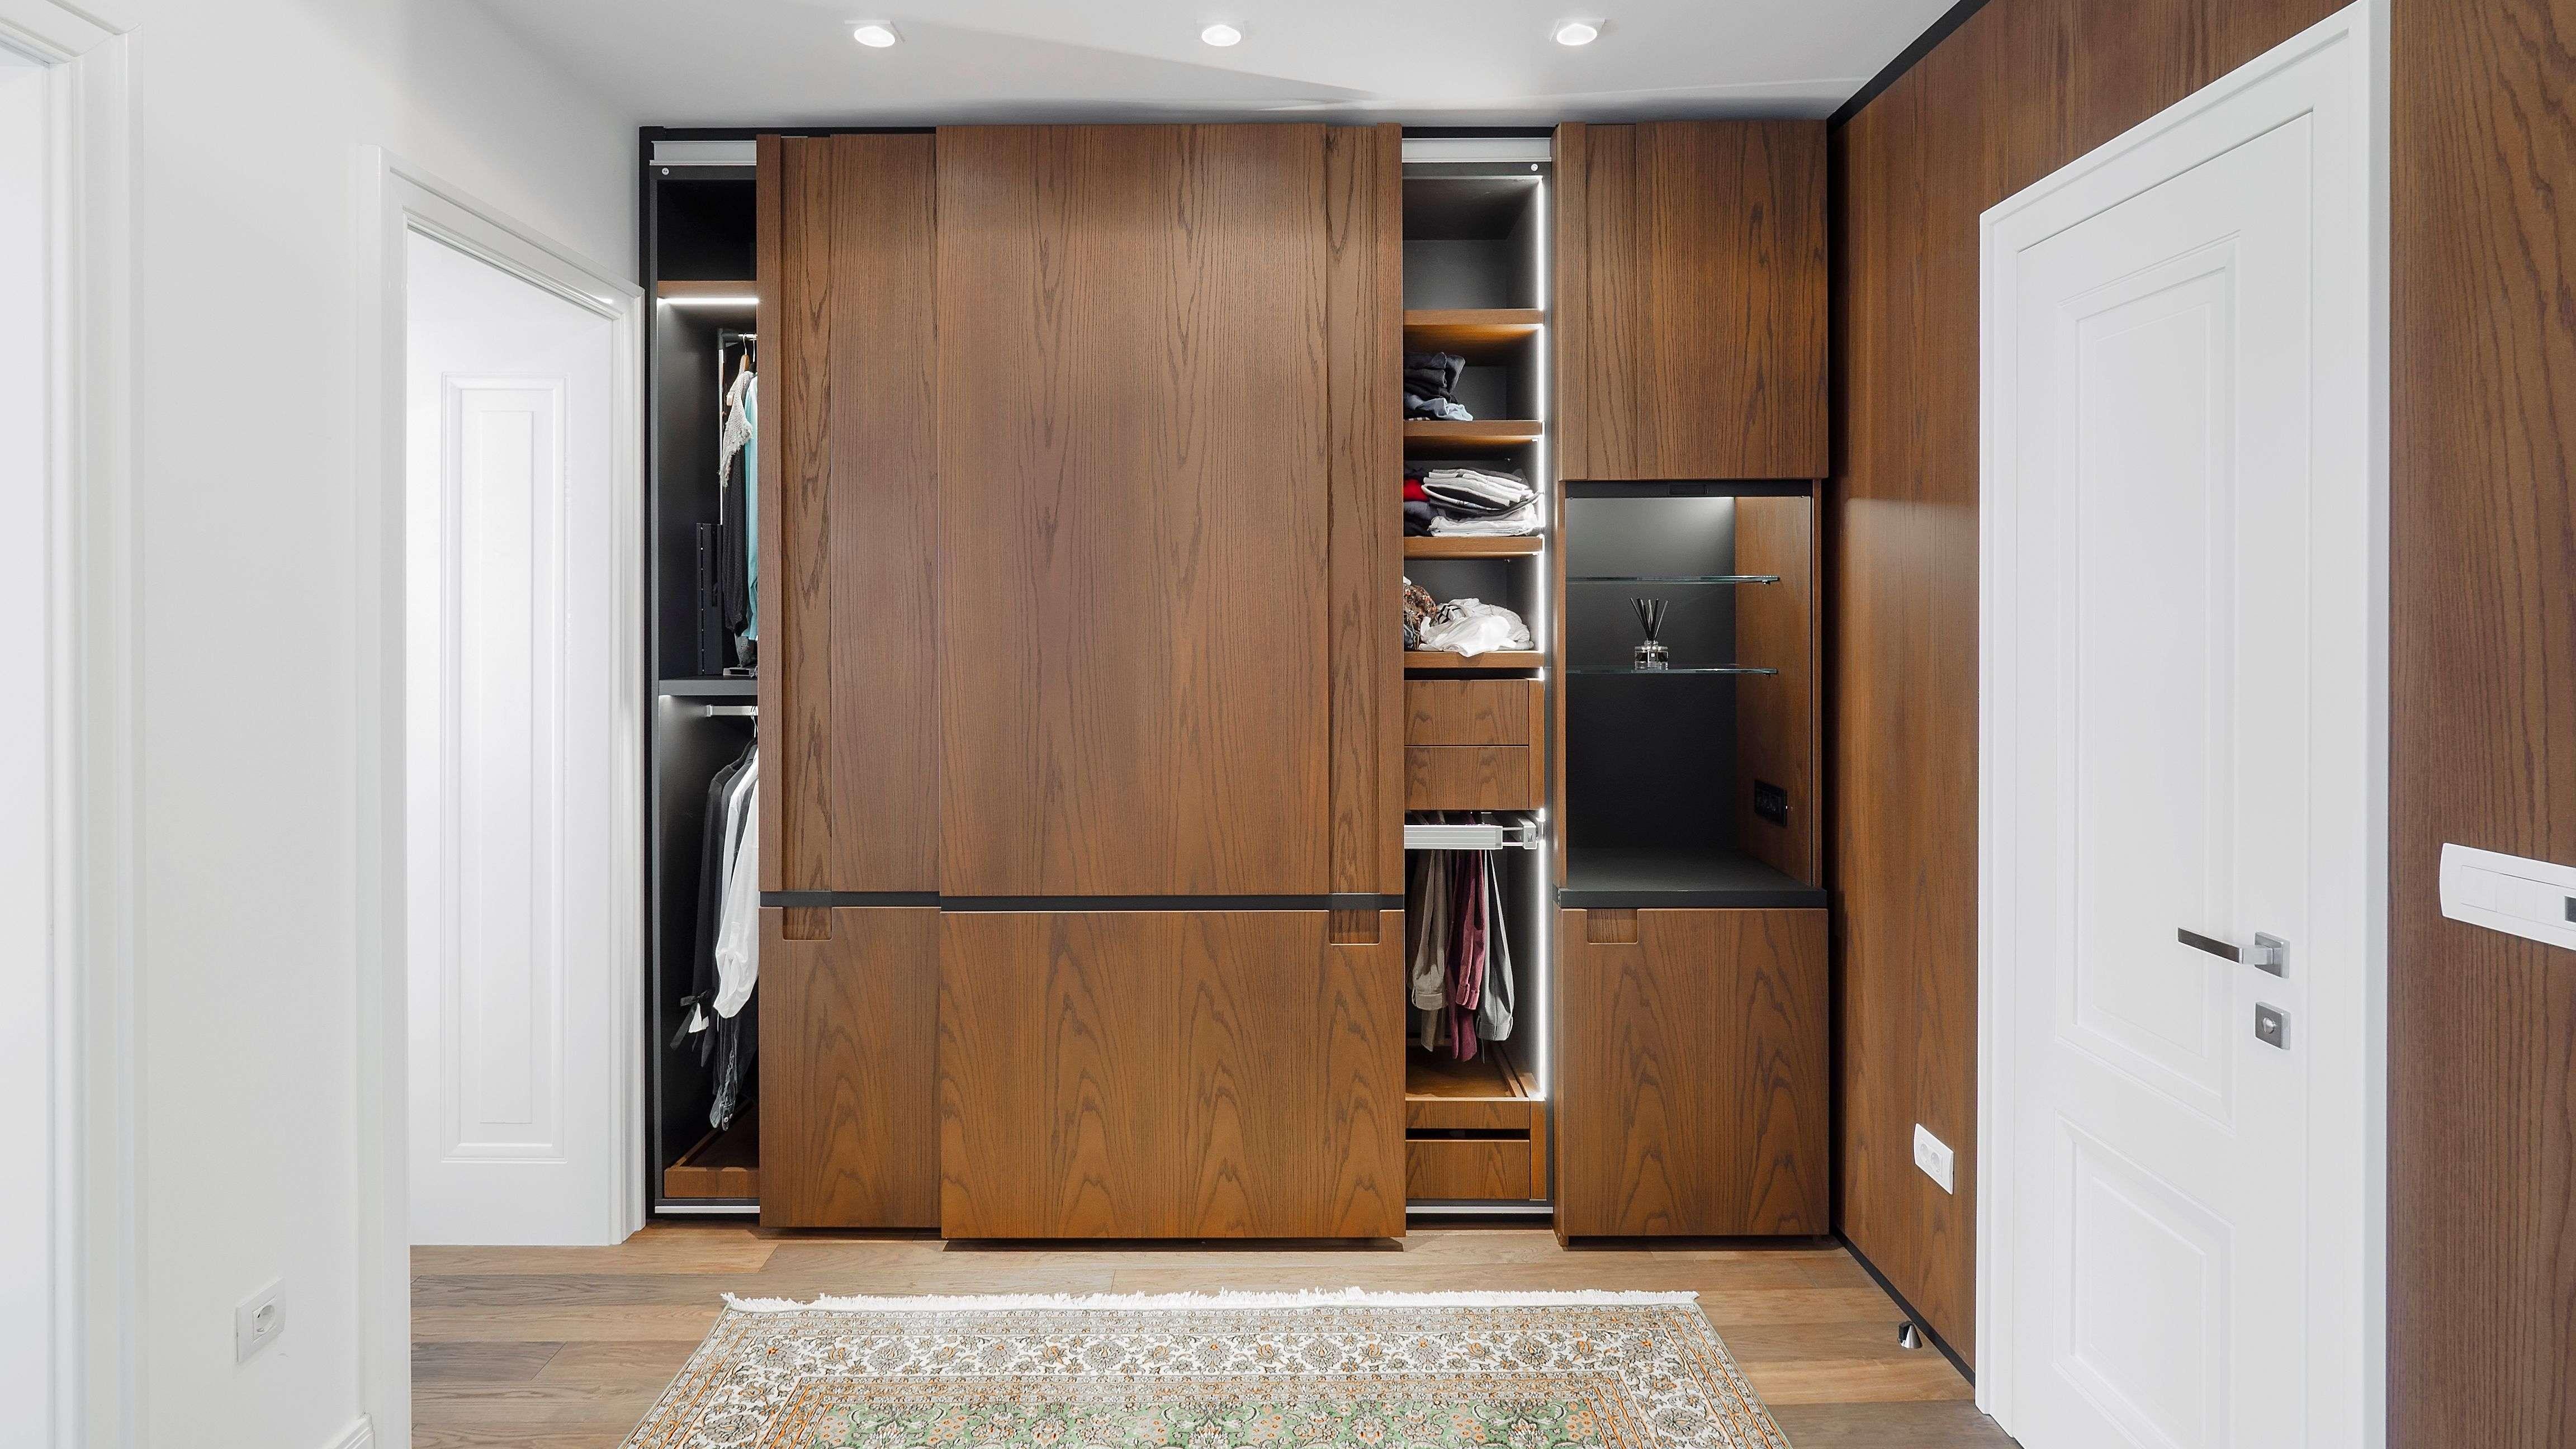 Wardrobe door and accessories buying guide